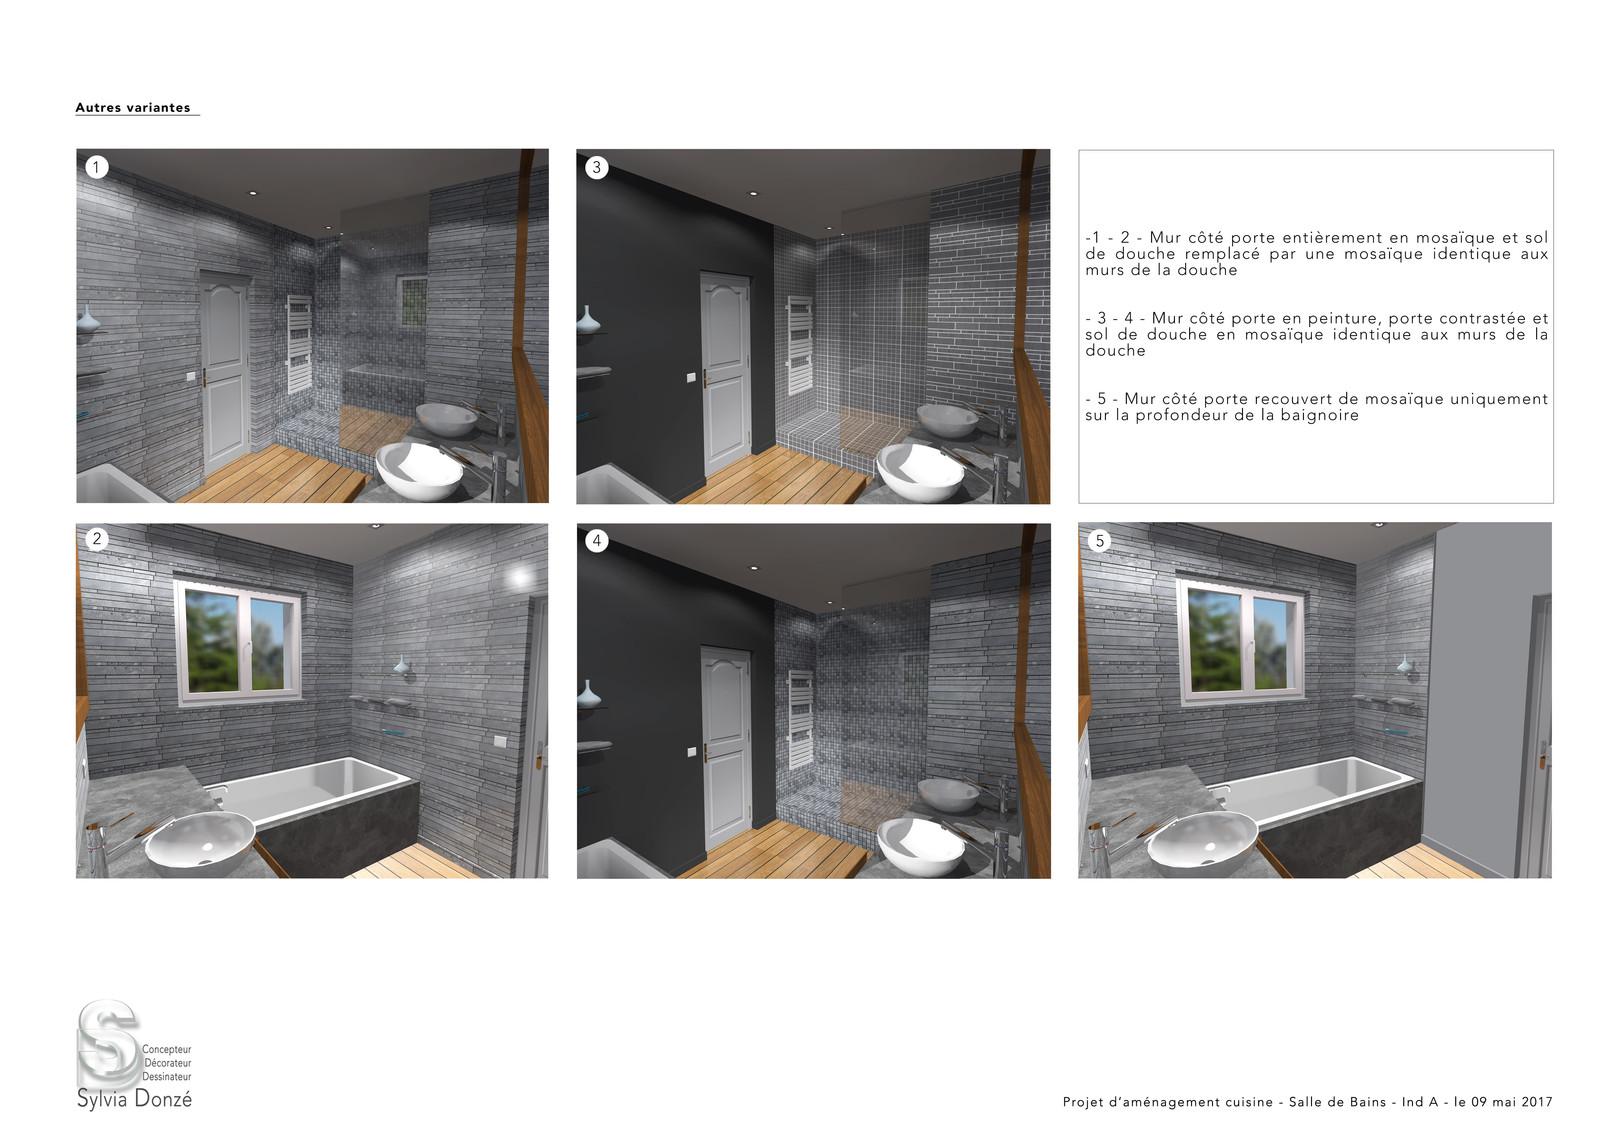 Peindre 2 Murs Sur 4 salle de bains